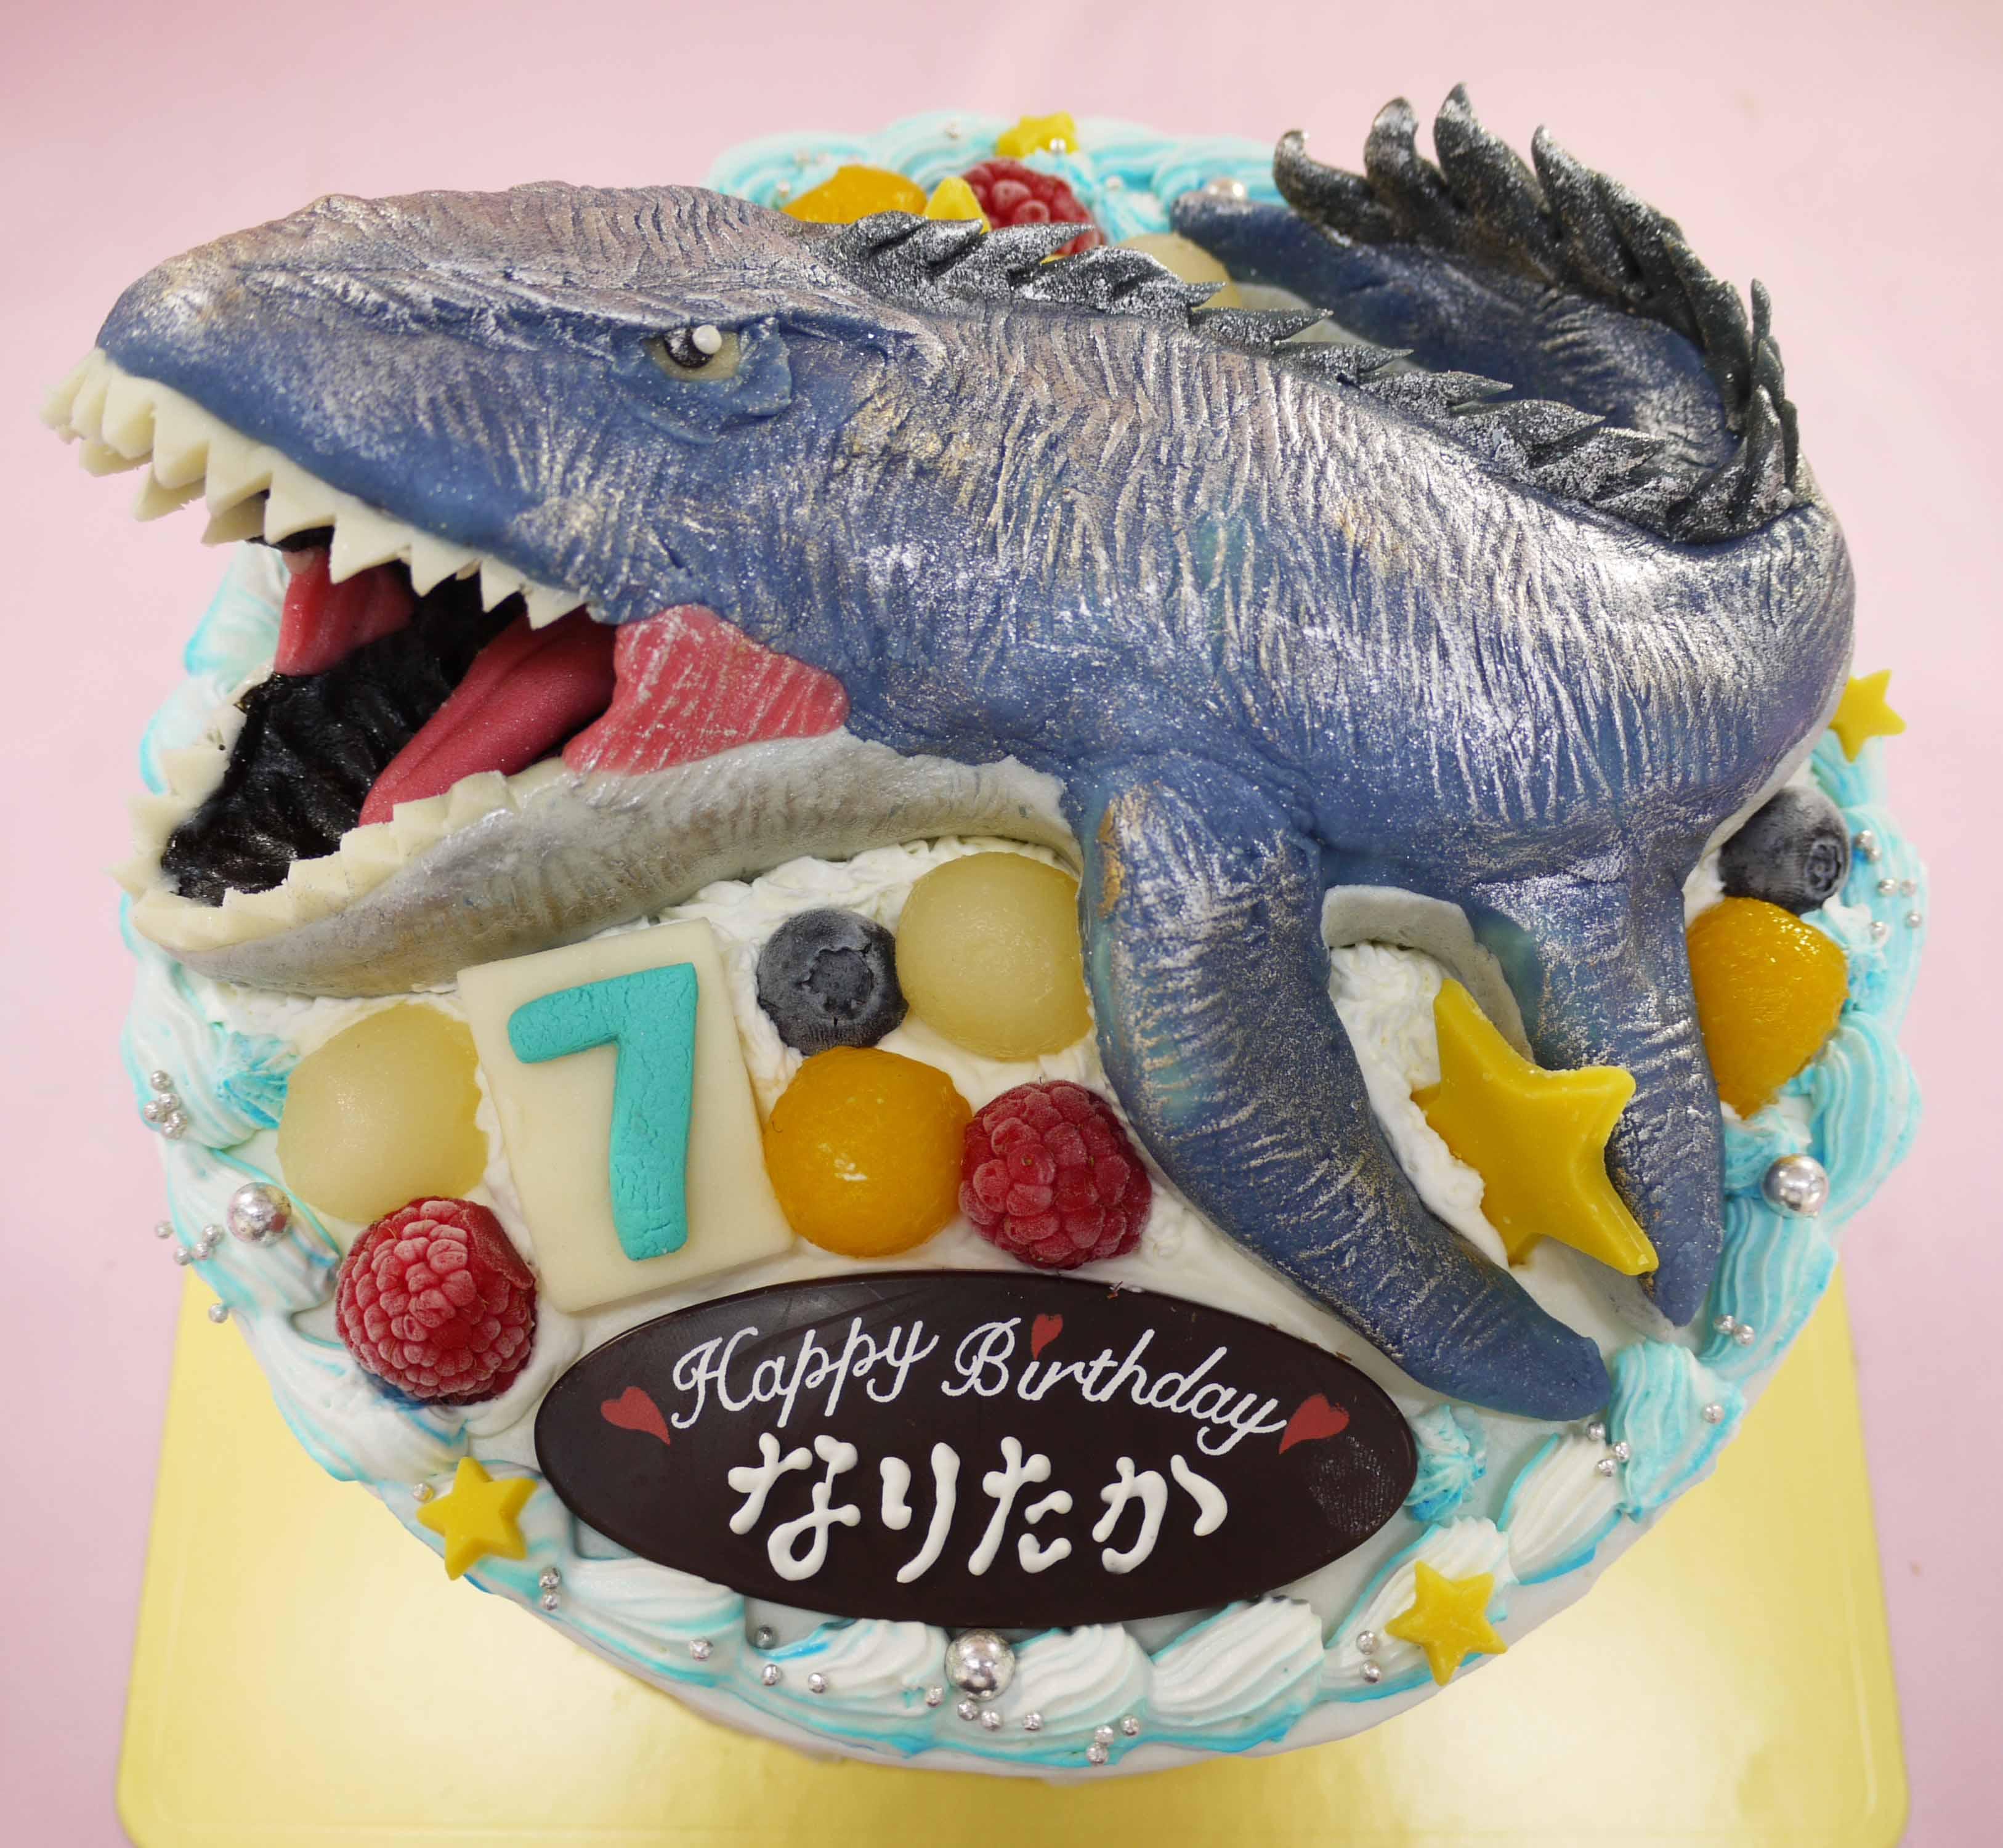 モササウルス(恐竜)の立体ケーキ